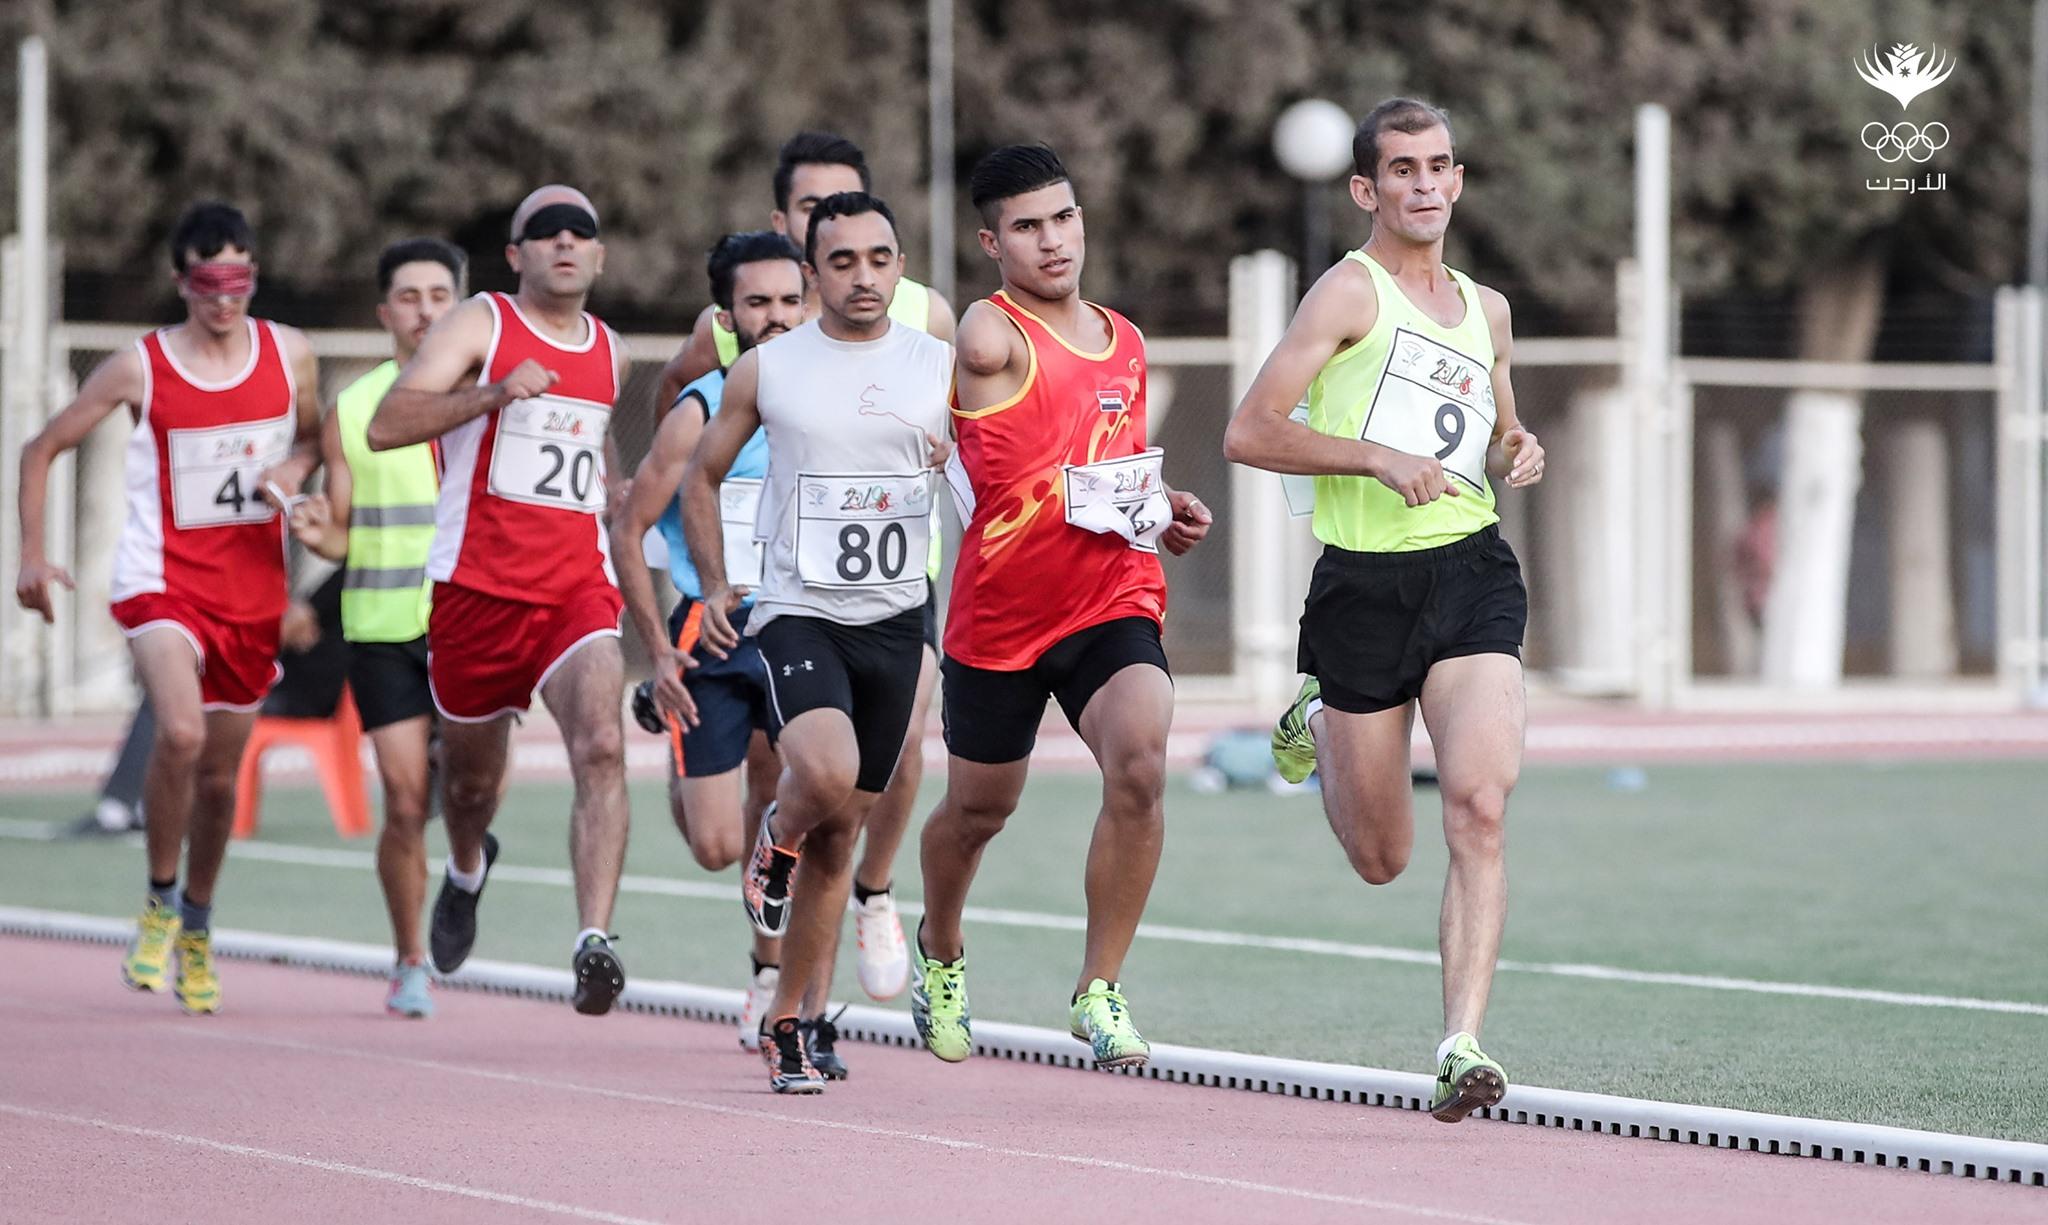 صور من منافسات اليوم الثالث لدورة ألعاب غرب آسيا البارالمبية الثانية عمان ٢٠١٩